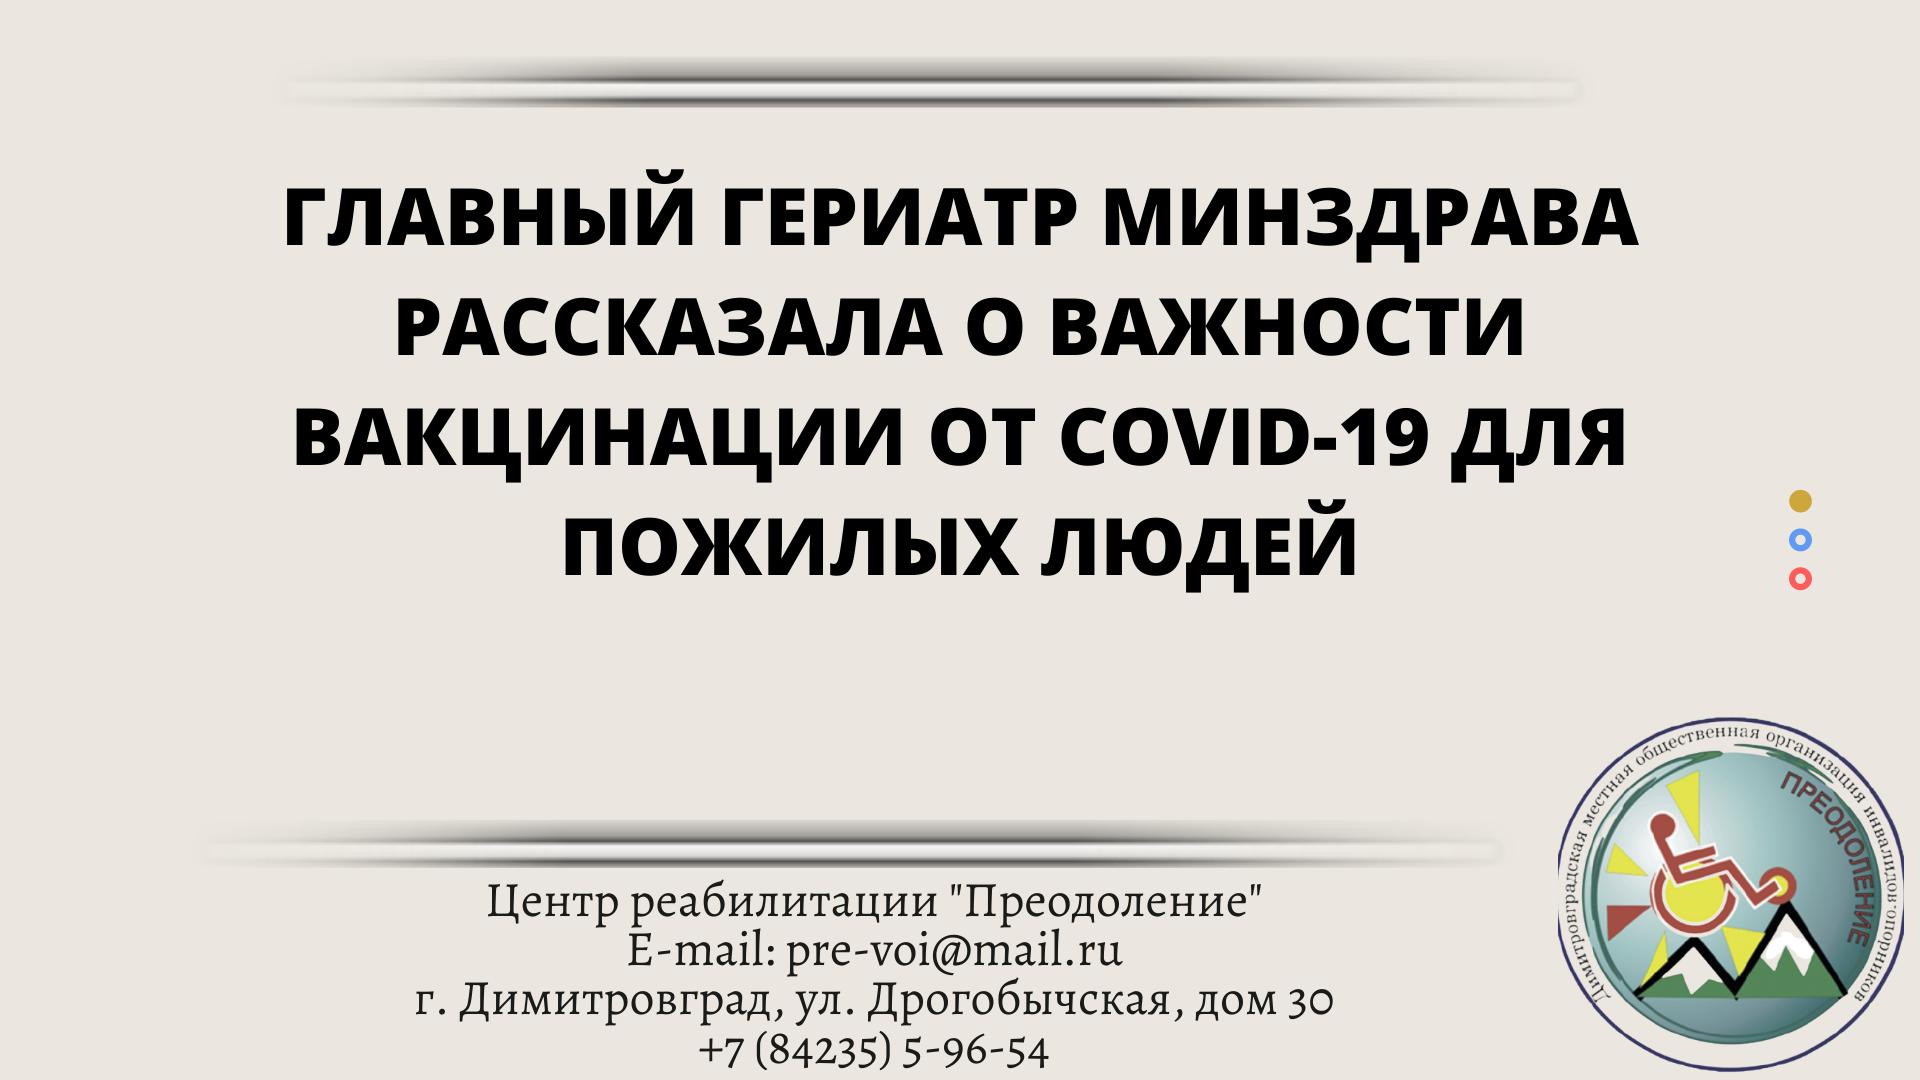 ГЛАВНЫЙ ГЕРИАТР МИНЗДРАВА РАССКАЗАЛА О ВАЖНОСТИ ВАКЦИНАЦИИ ОТ COVID-19 ДЛЯ ПОЖИЛЫХ ЛЮДЕЙ